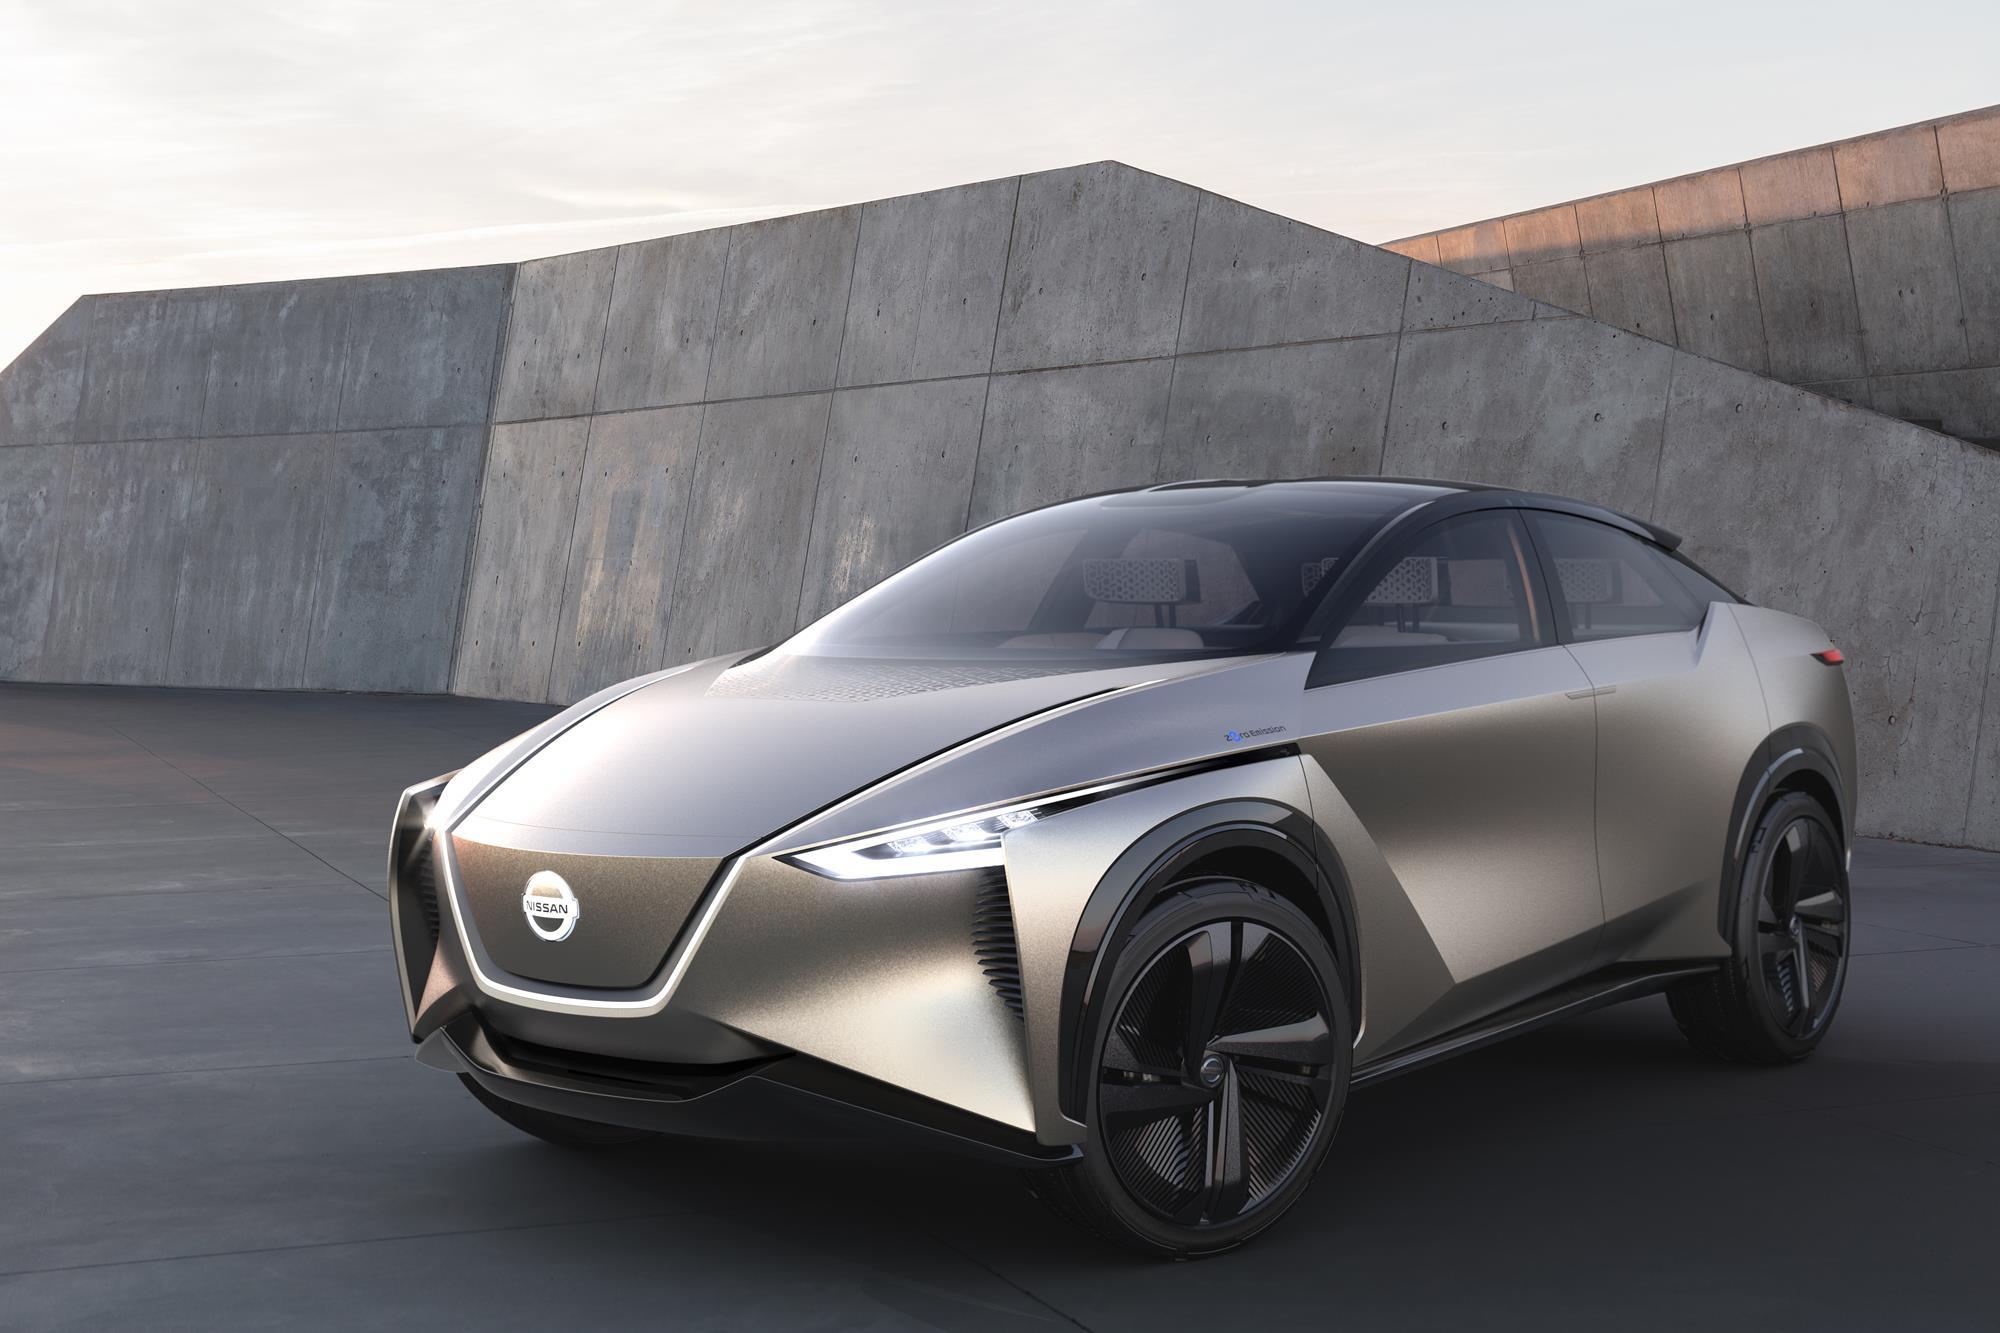 Nissan Imx Kuro Concept Vehicle Debuts At Geneva Motor